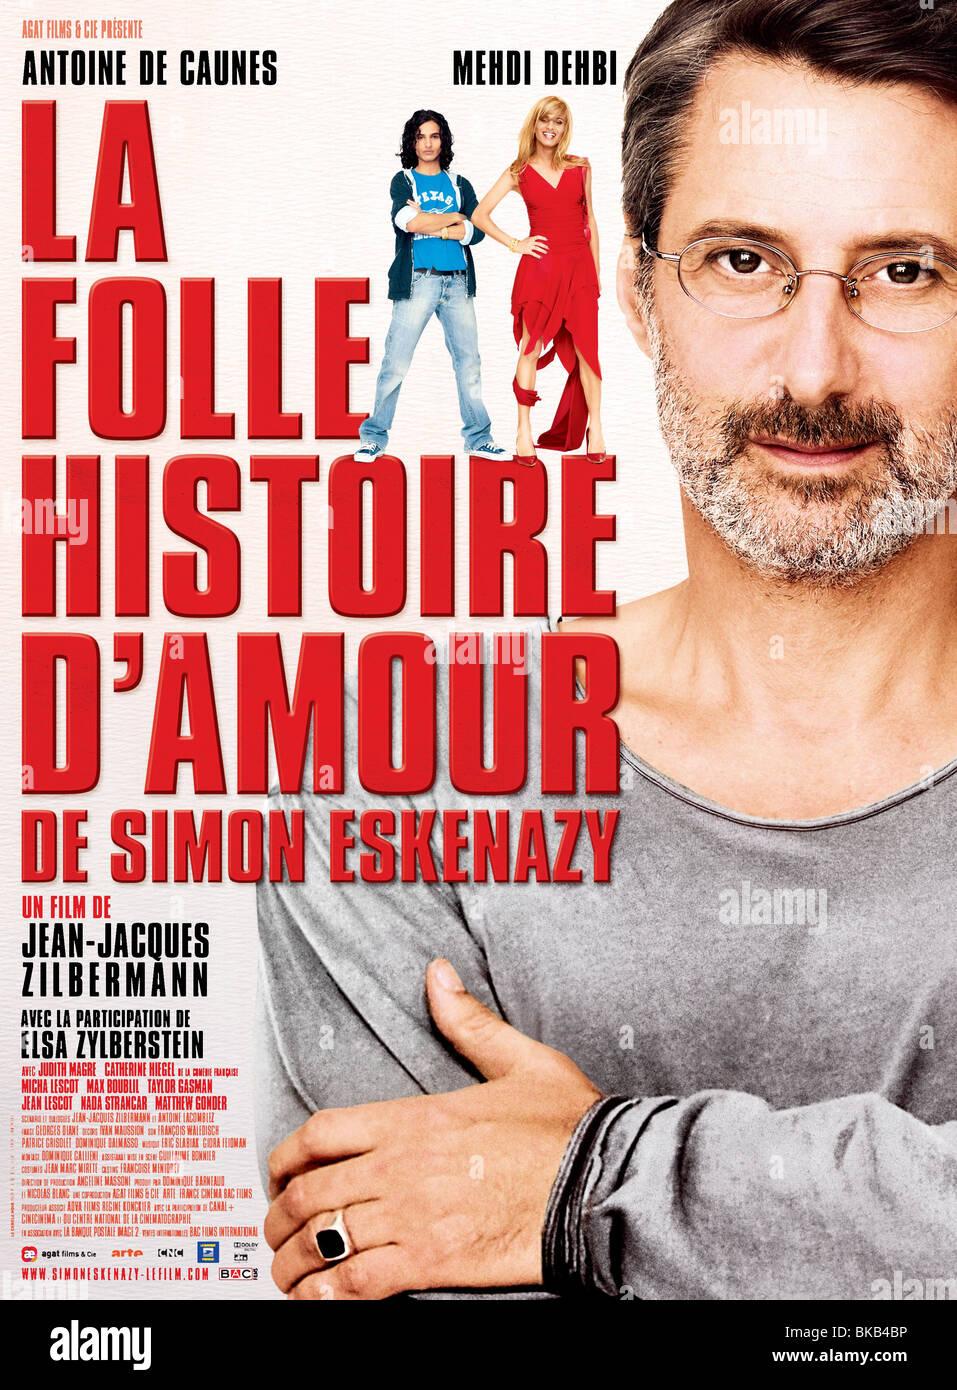 La Folle histoire d'amour de Simon Eskenazy  Year  2009 Director  Jean-Jacques Zilbermann  Antoine de Caunes Movie Stock Photo